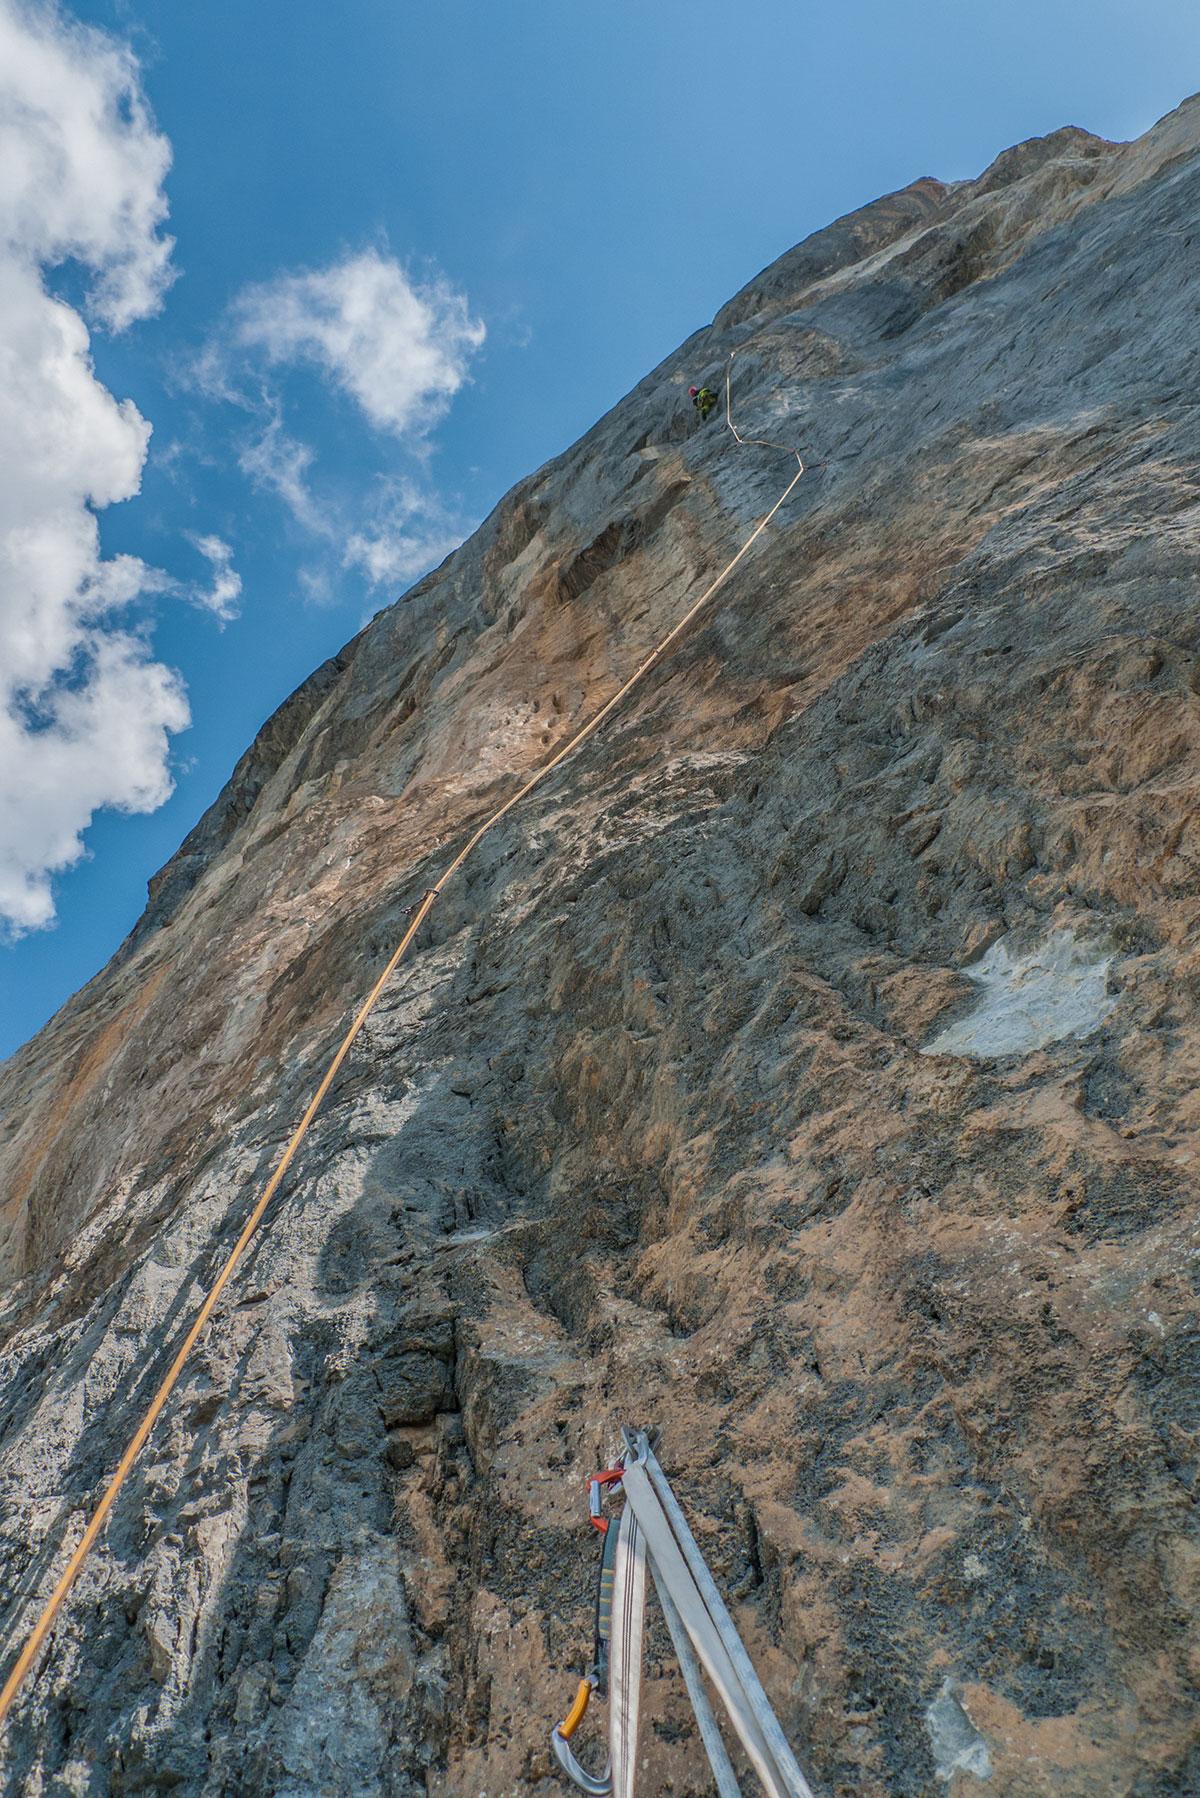 Eiger - Genfer Pfeiler - 5te Seillänge (7a+)